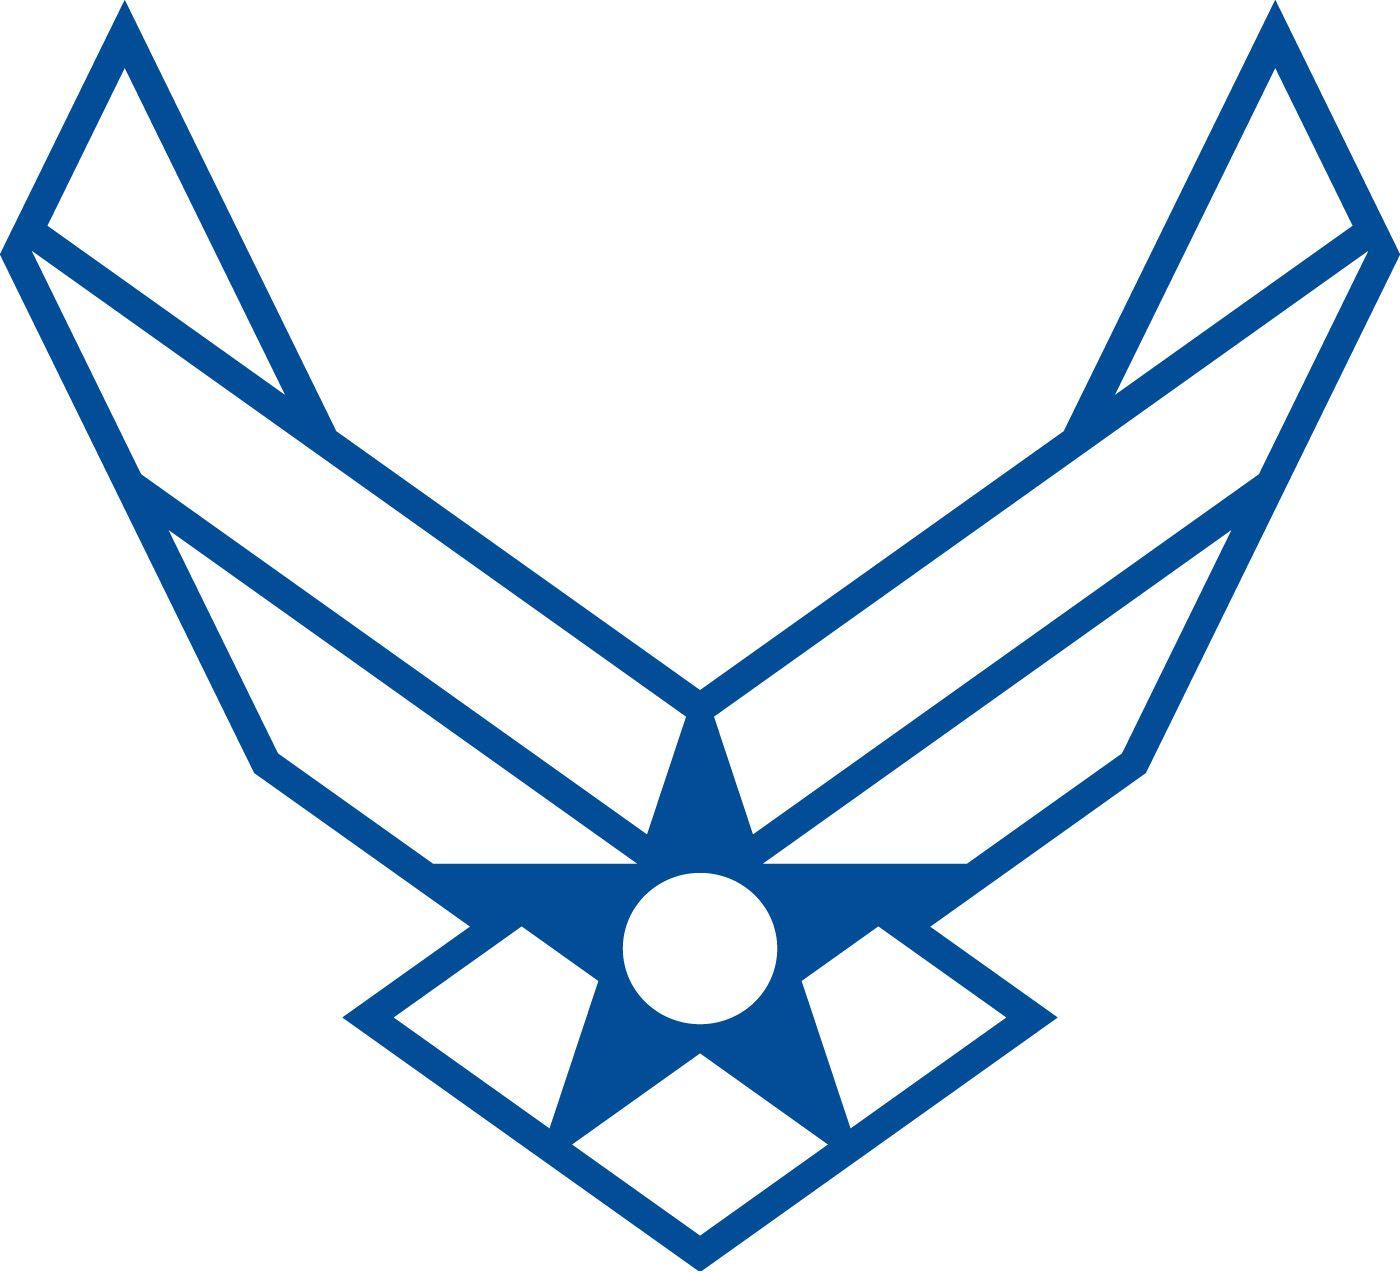 1400x1272 Air Force Logo Clip Art